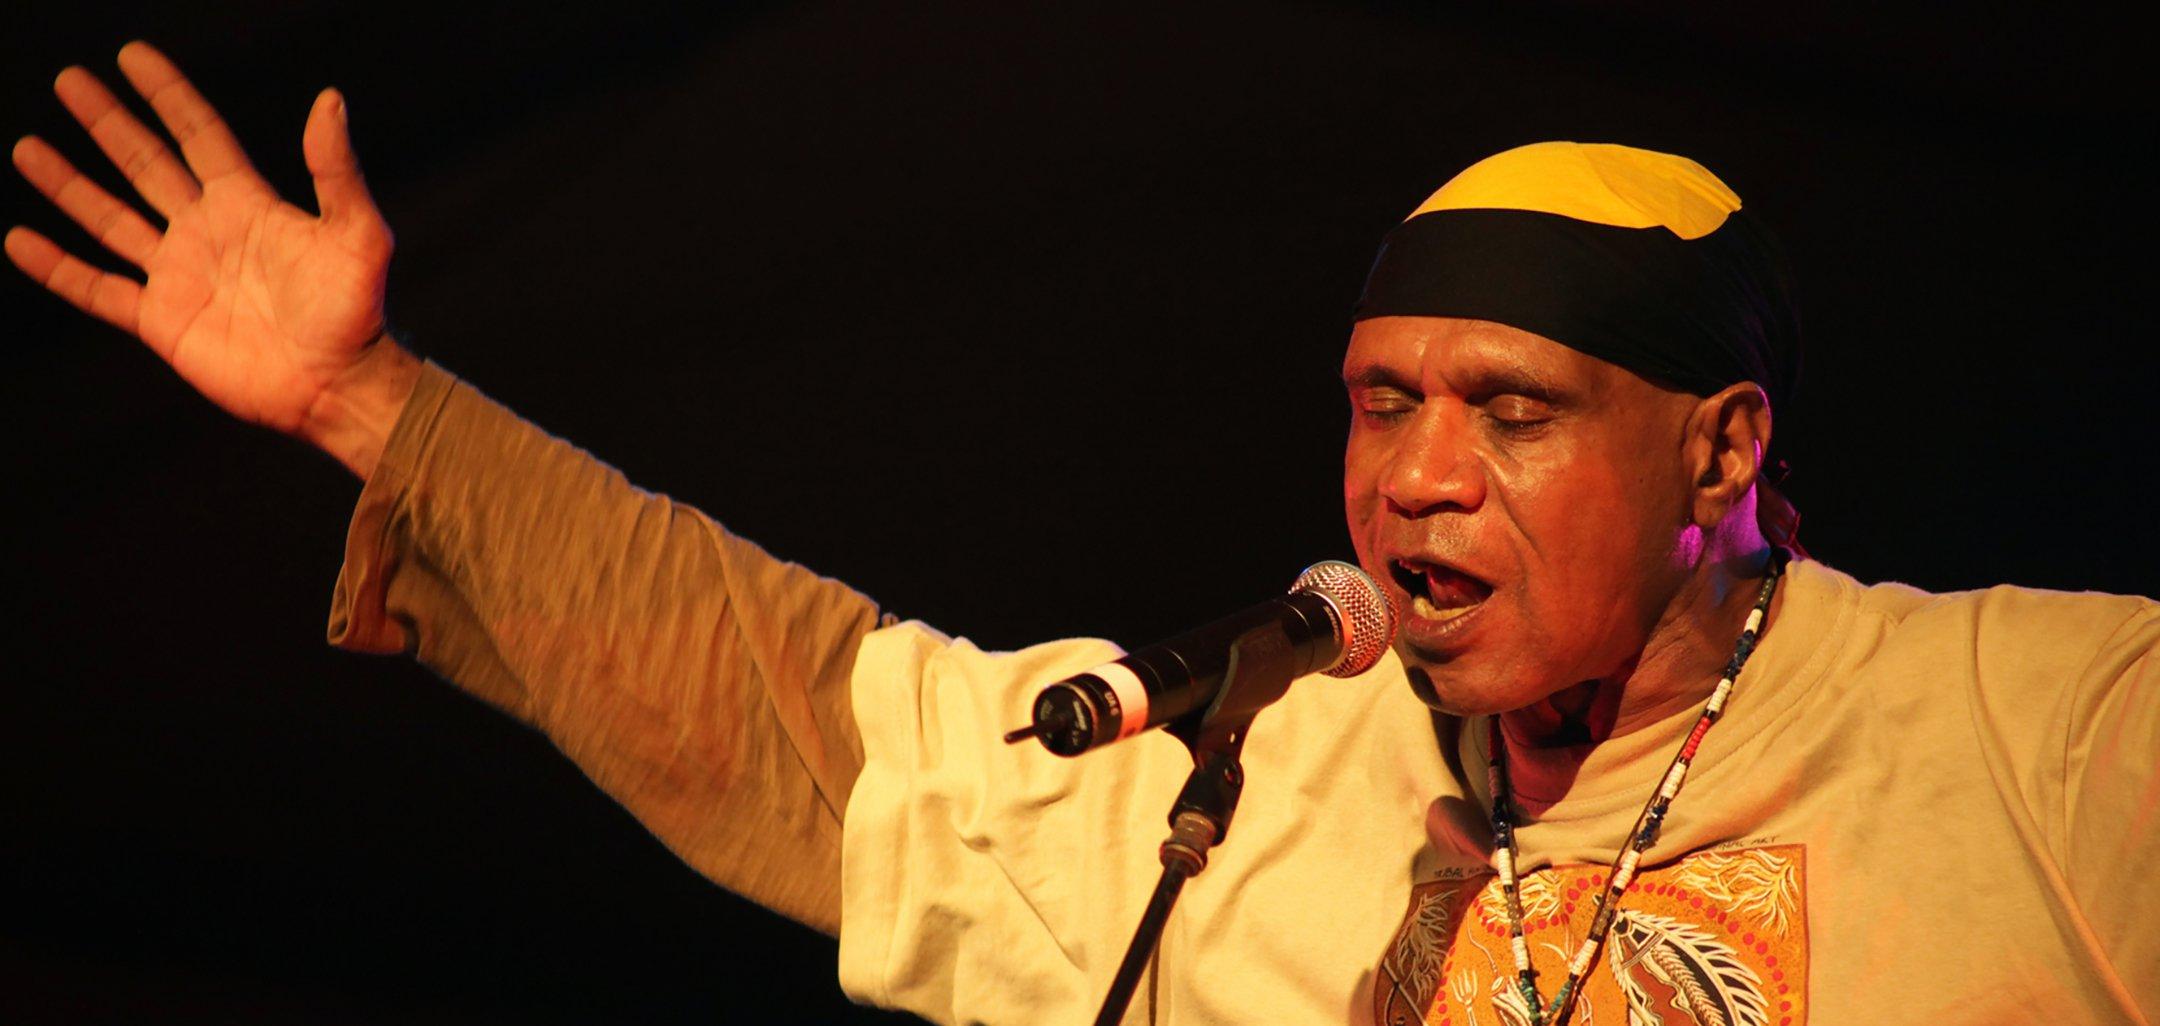 murundak_songs_of_freedom - hero image